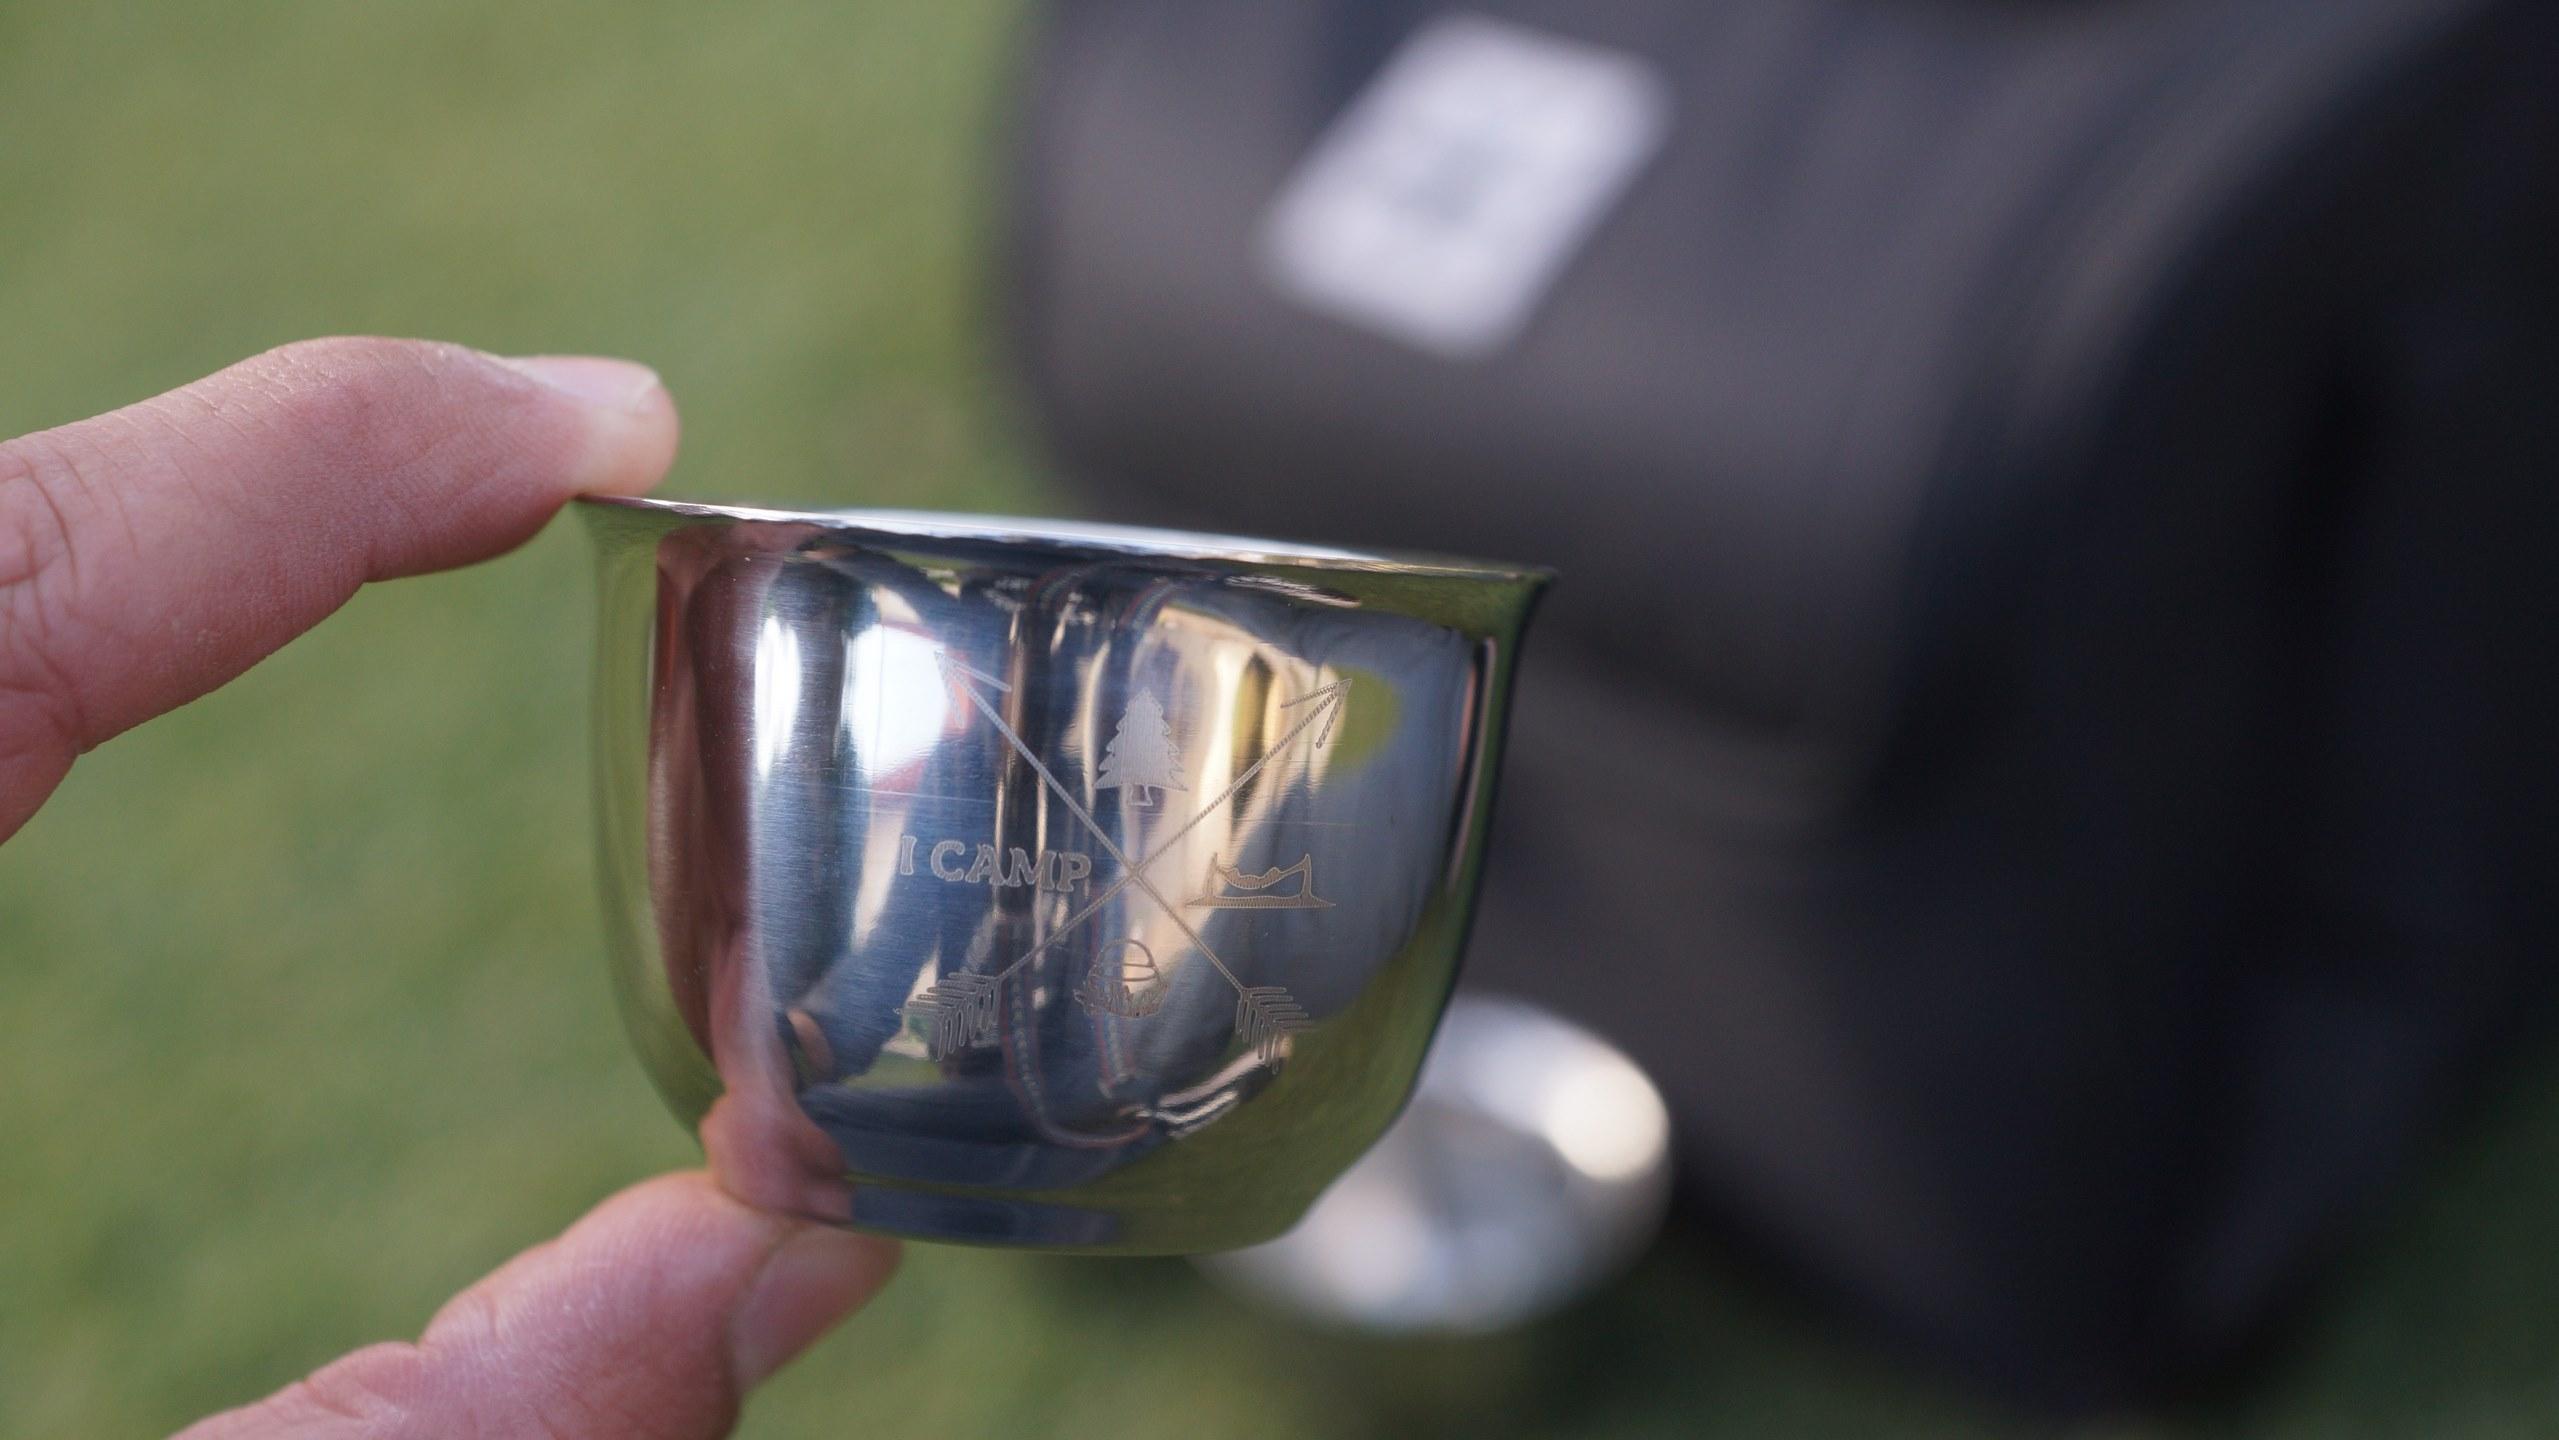 כוס נירוסטה - דופן כפולה